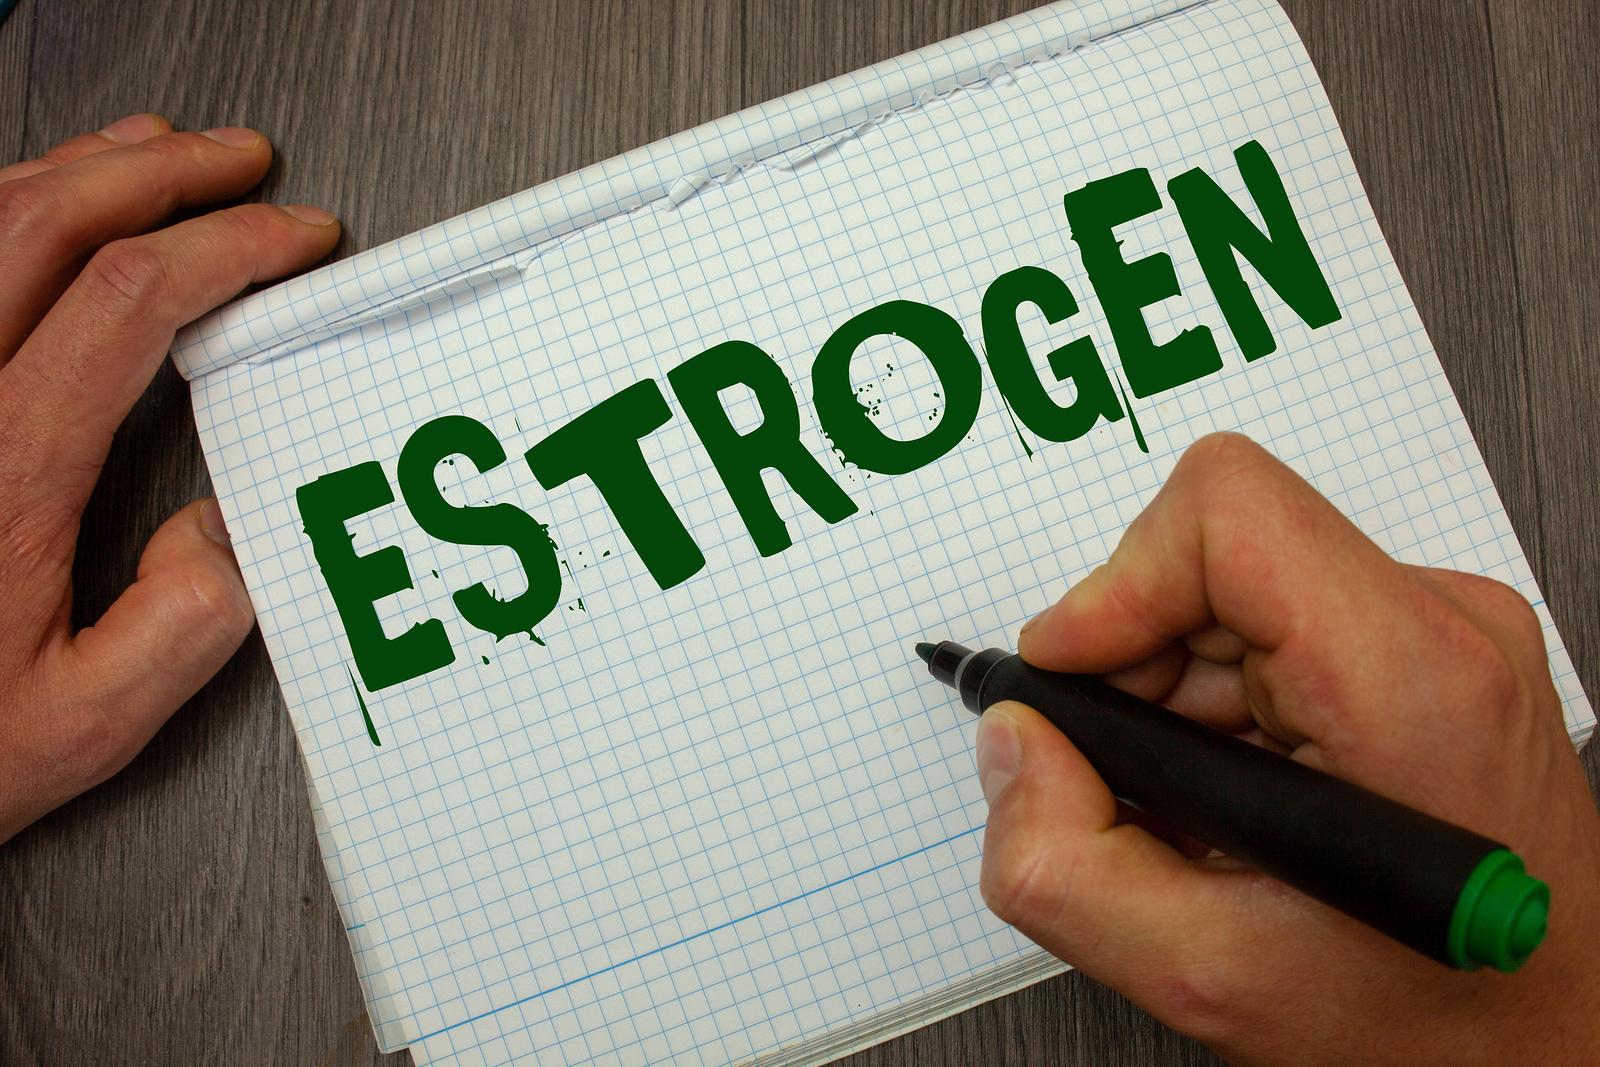 male estrogen men meaning high low results